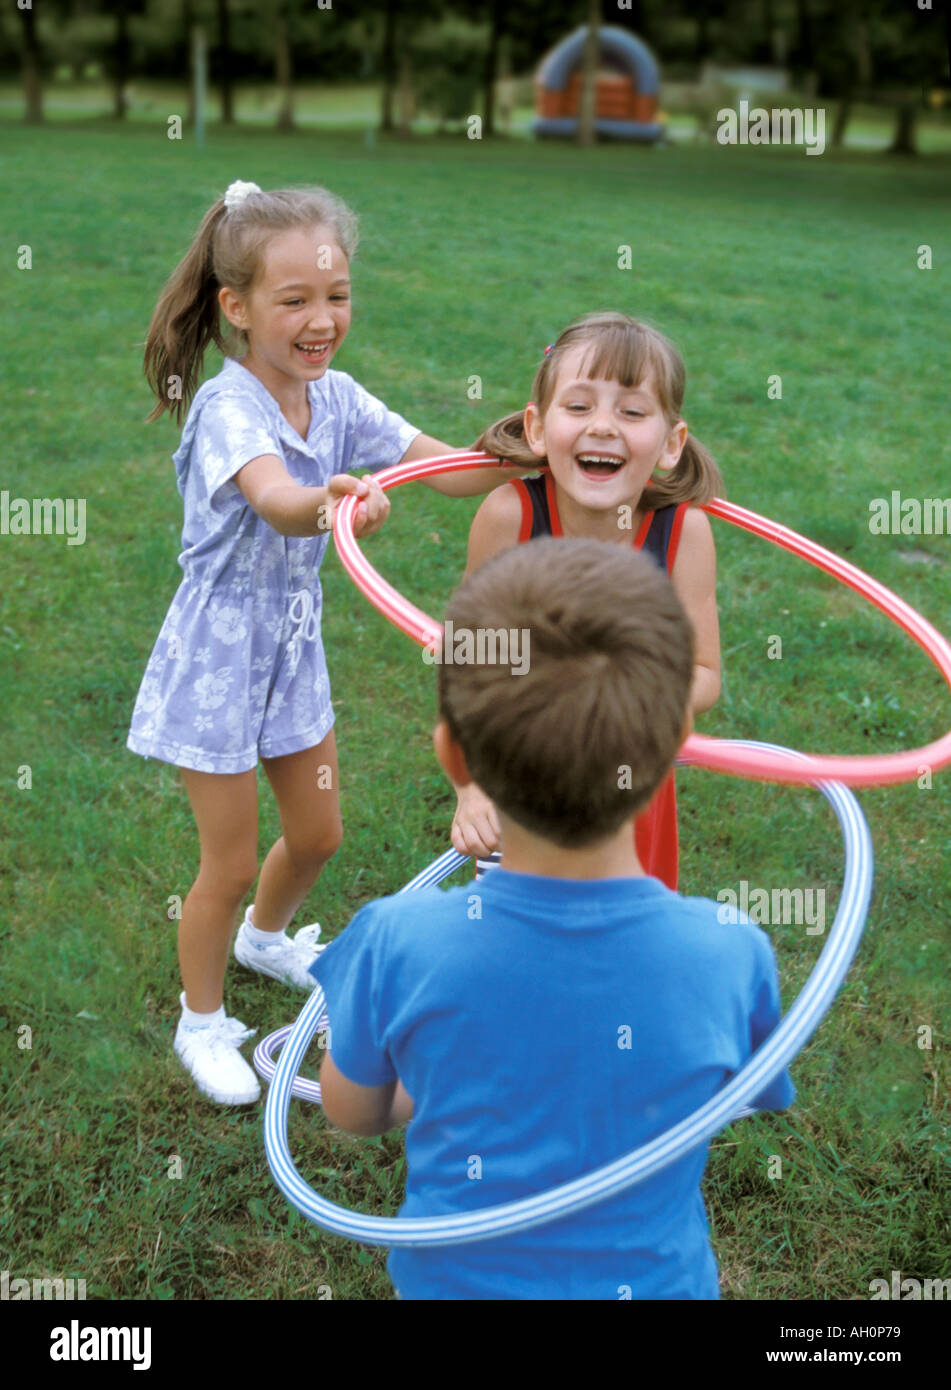 Ragazzo e le ragazze a giocare con hula hop cerchi Immagini Stock